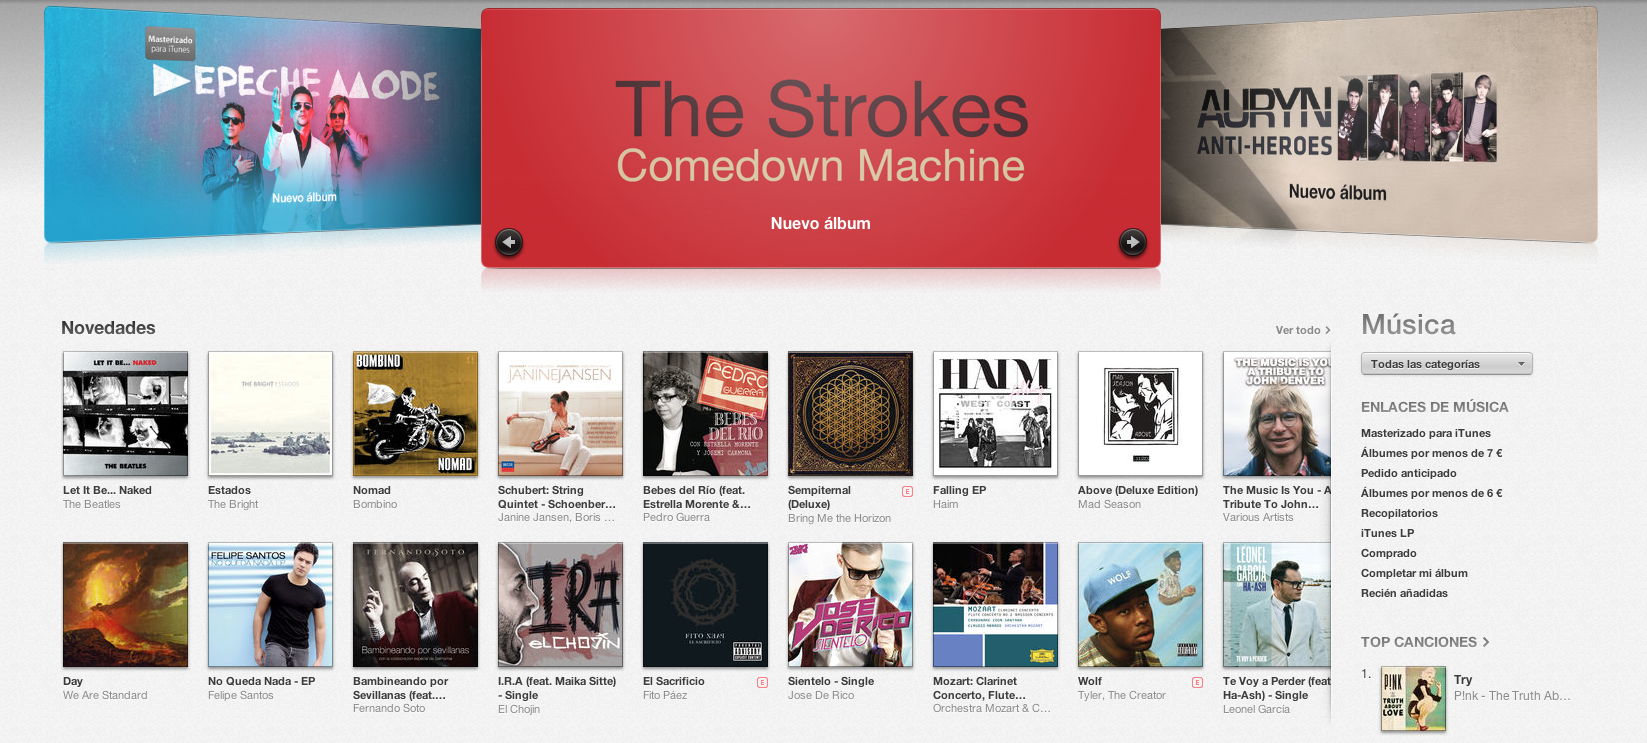 Revender las canciones adquiridas en iTunes es ilegal